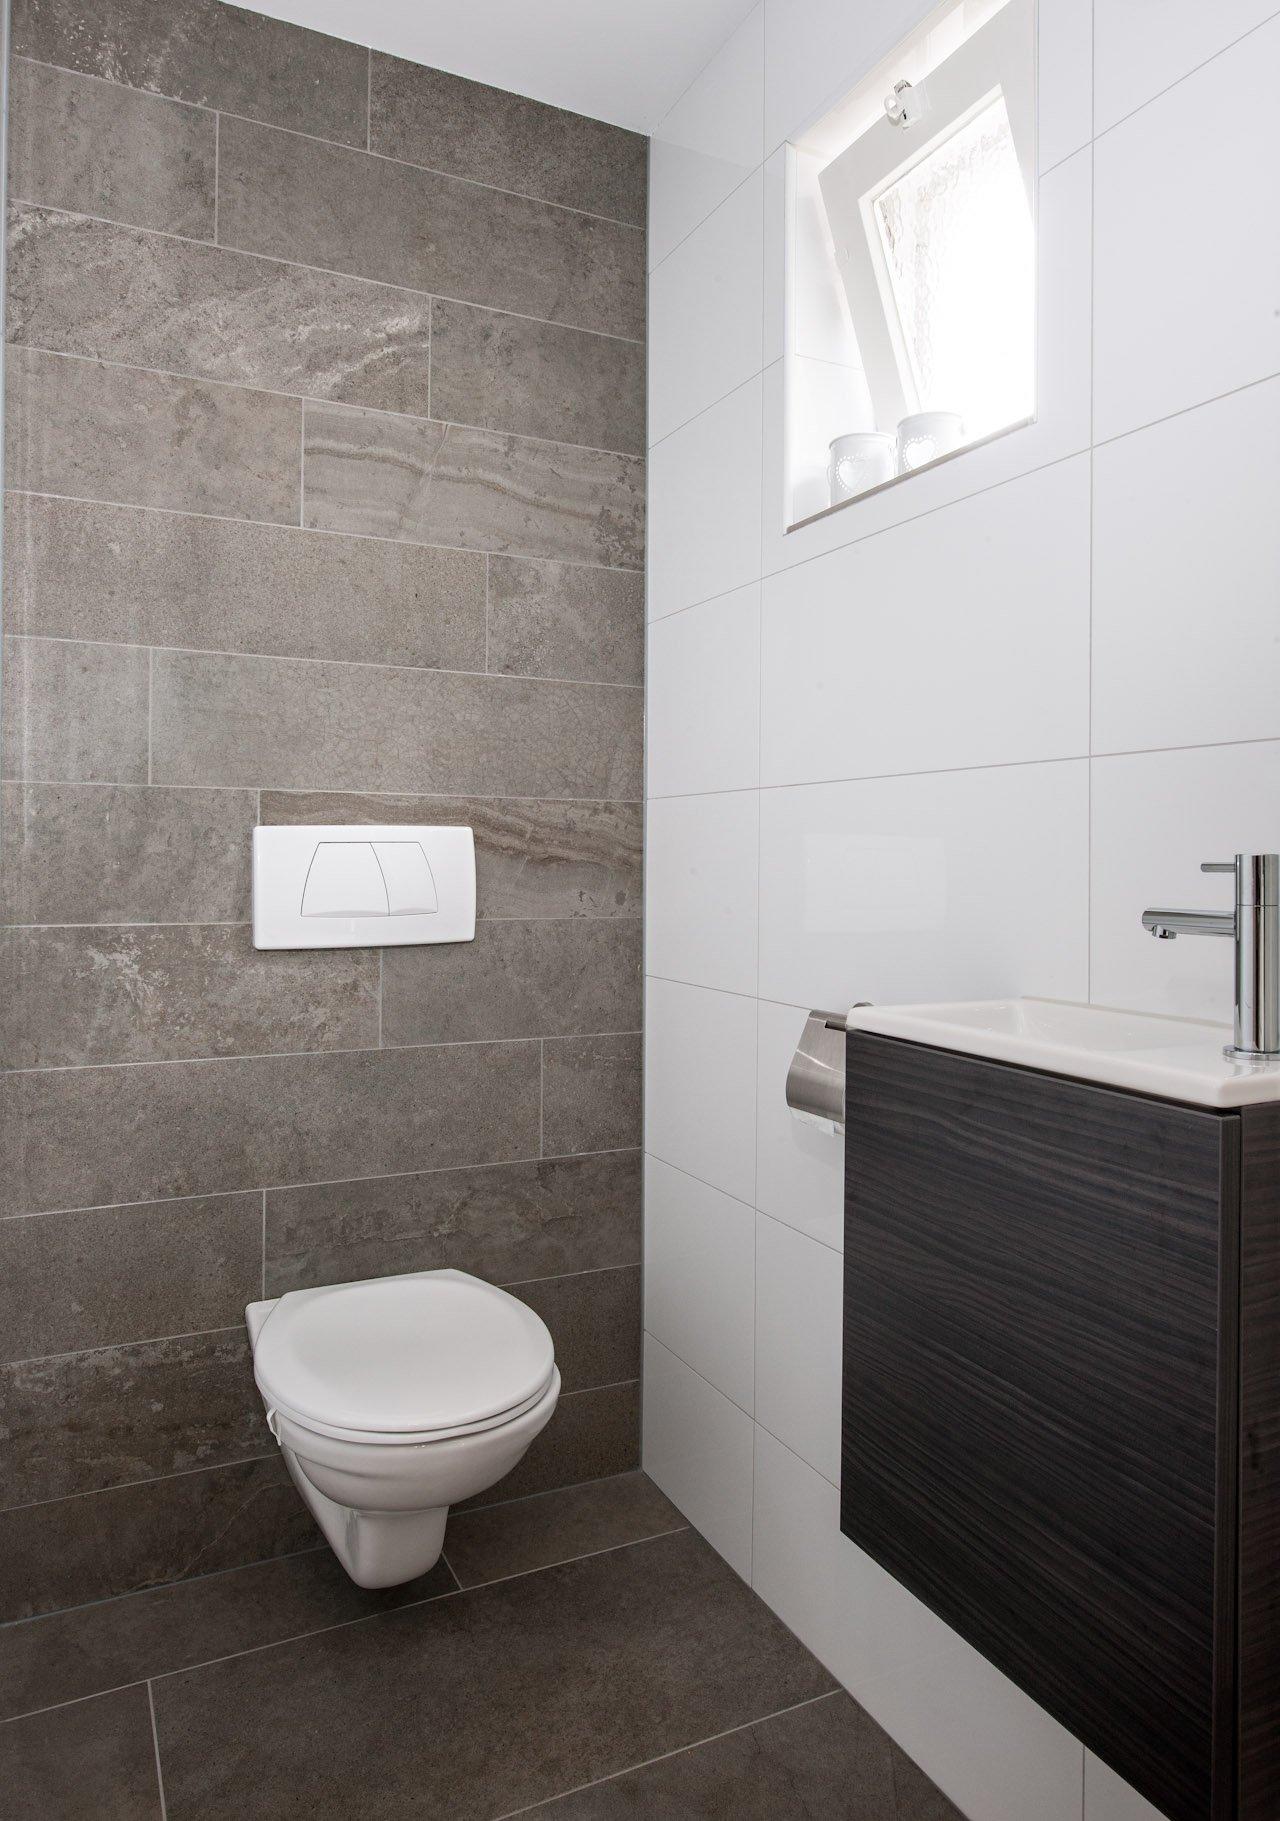 Wandtegels badkamer kroon vloer in steen - Badkamer wandtegels ...